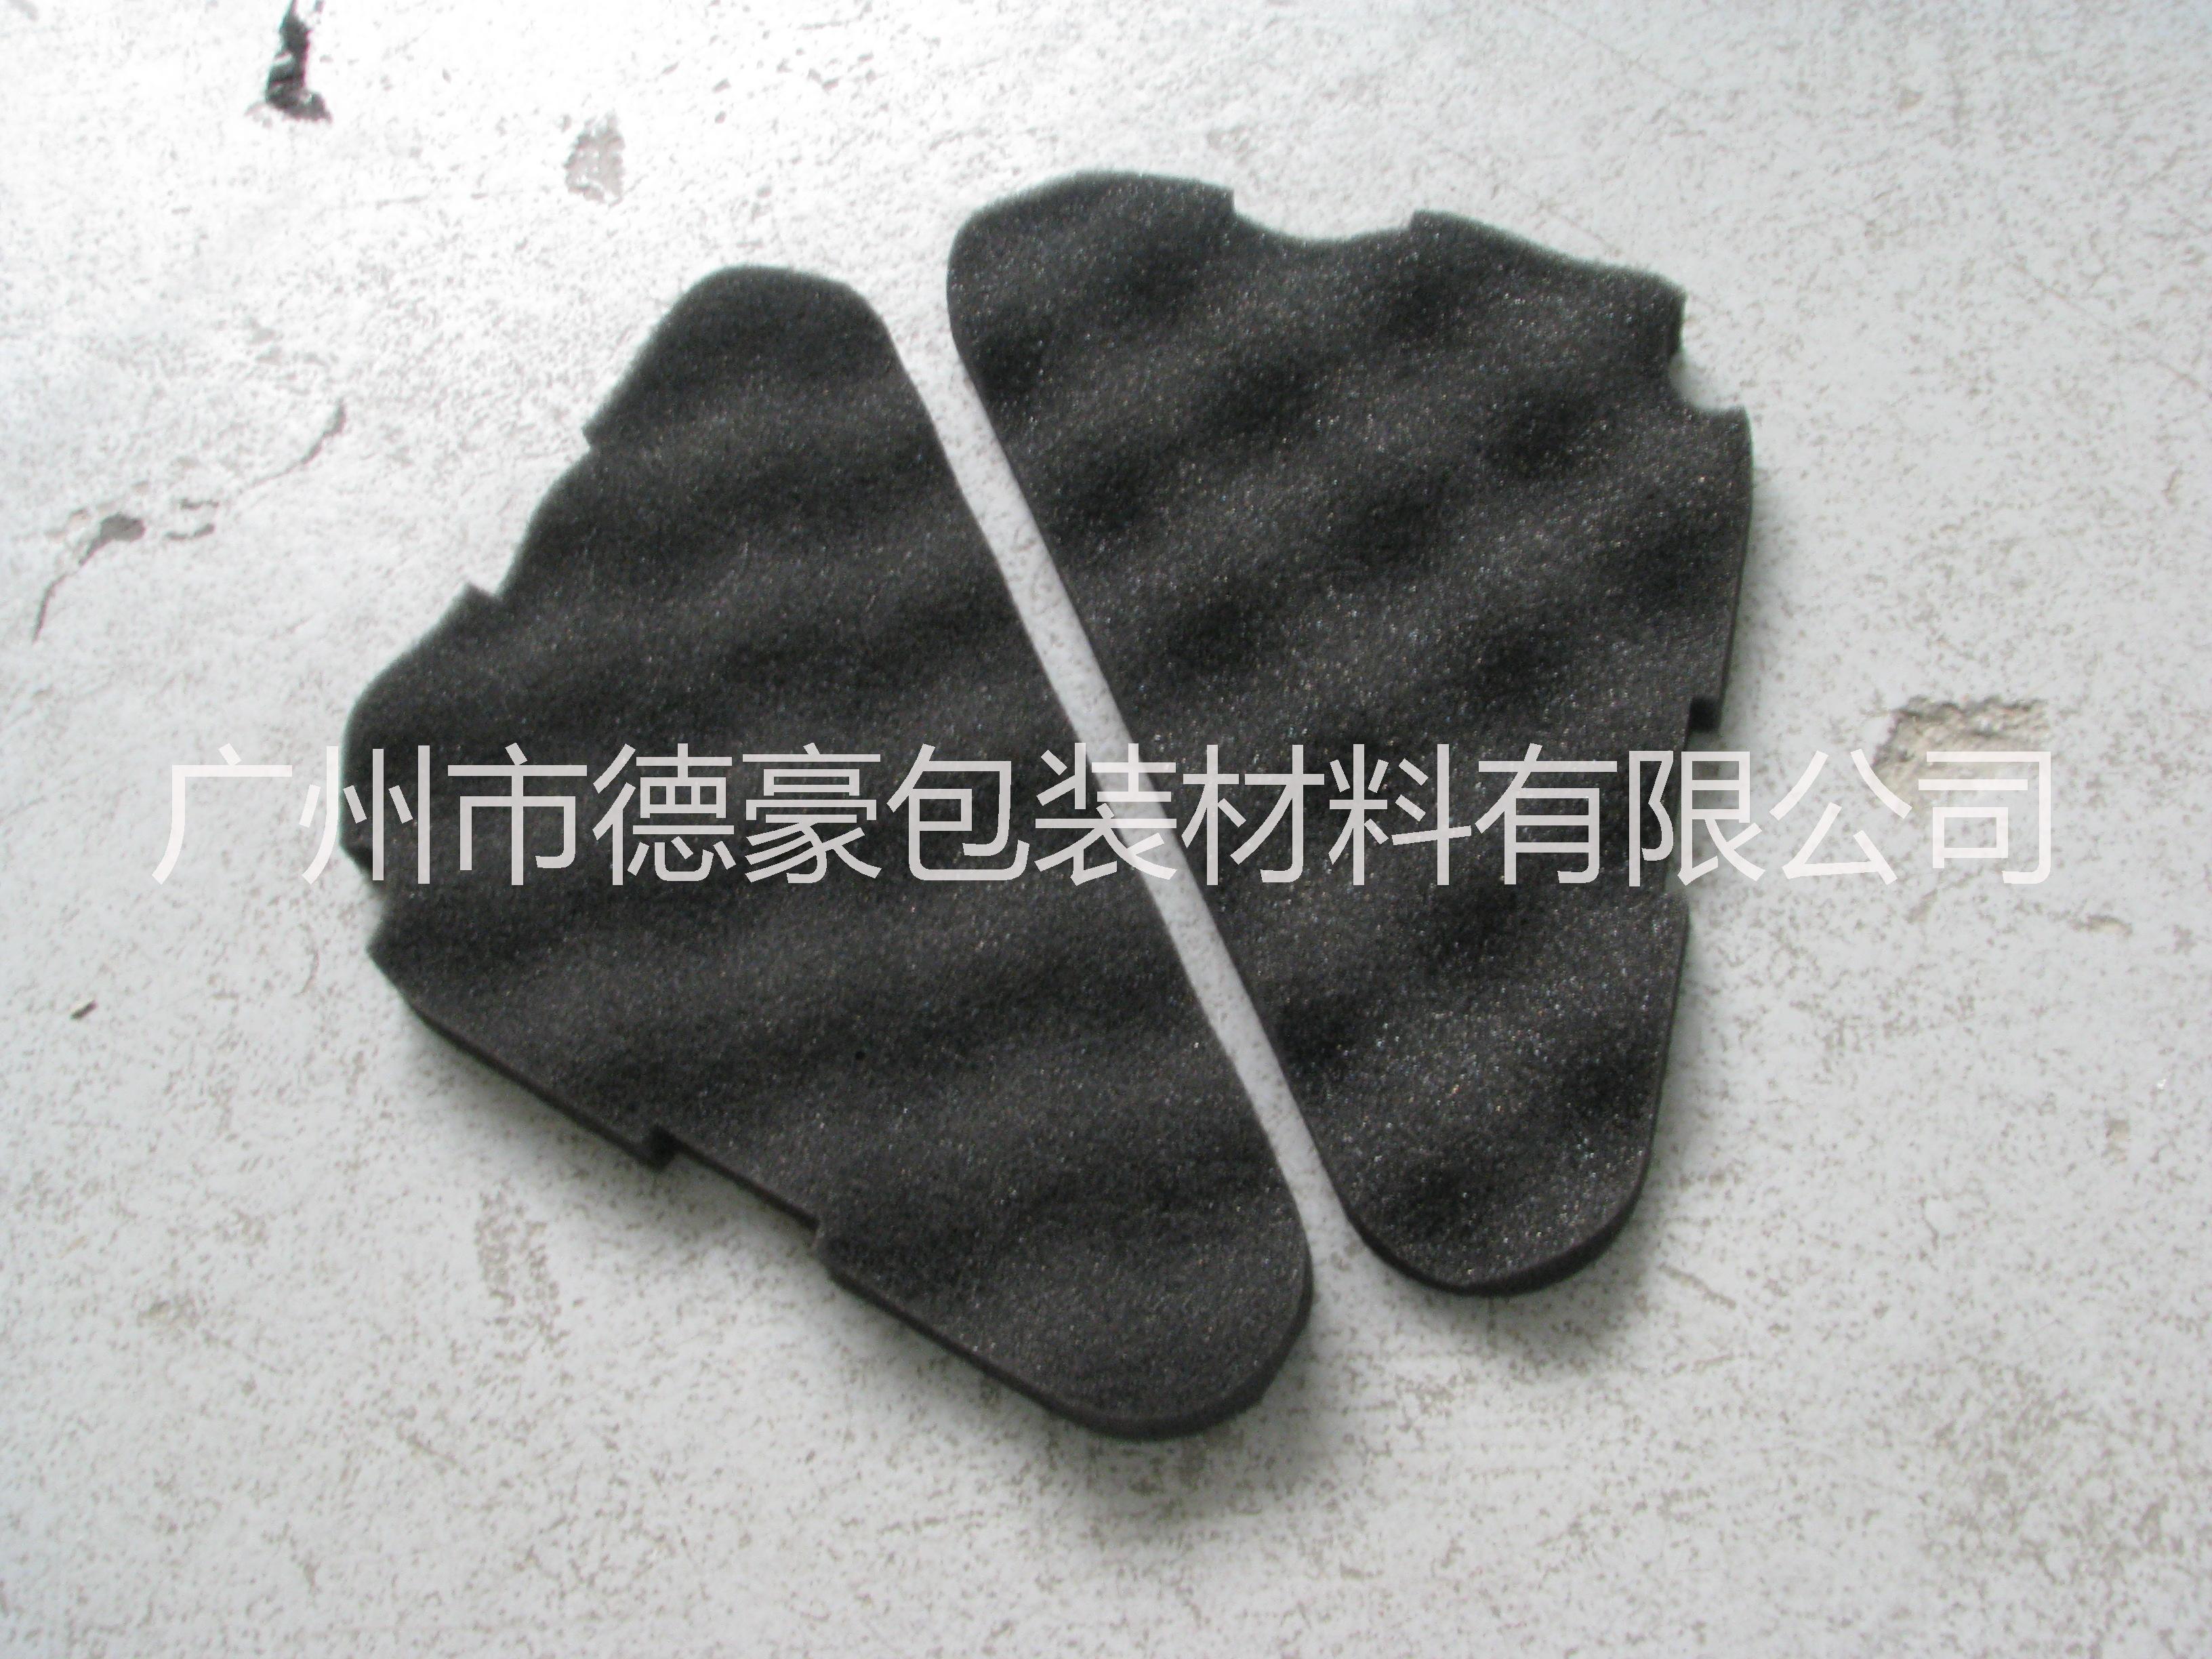 黑色海绵  高密度海绵   彩色海绵    加硬料海绵   低密度海绵内衬